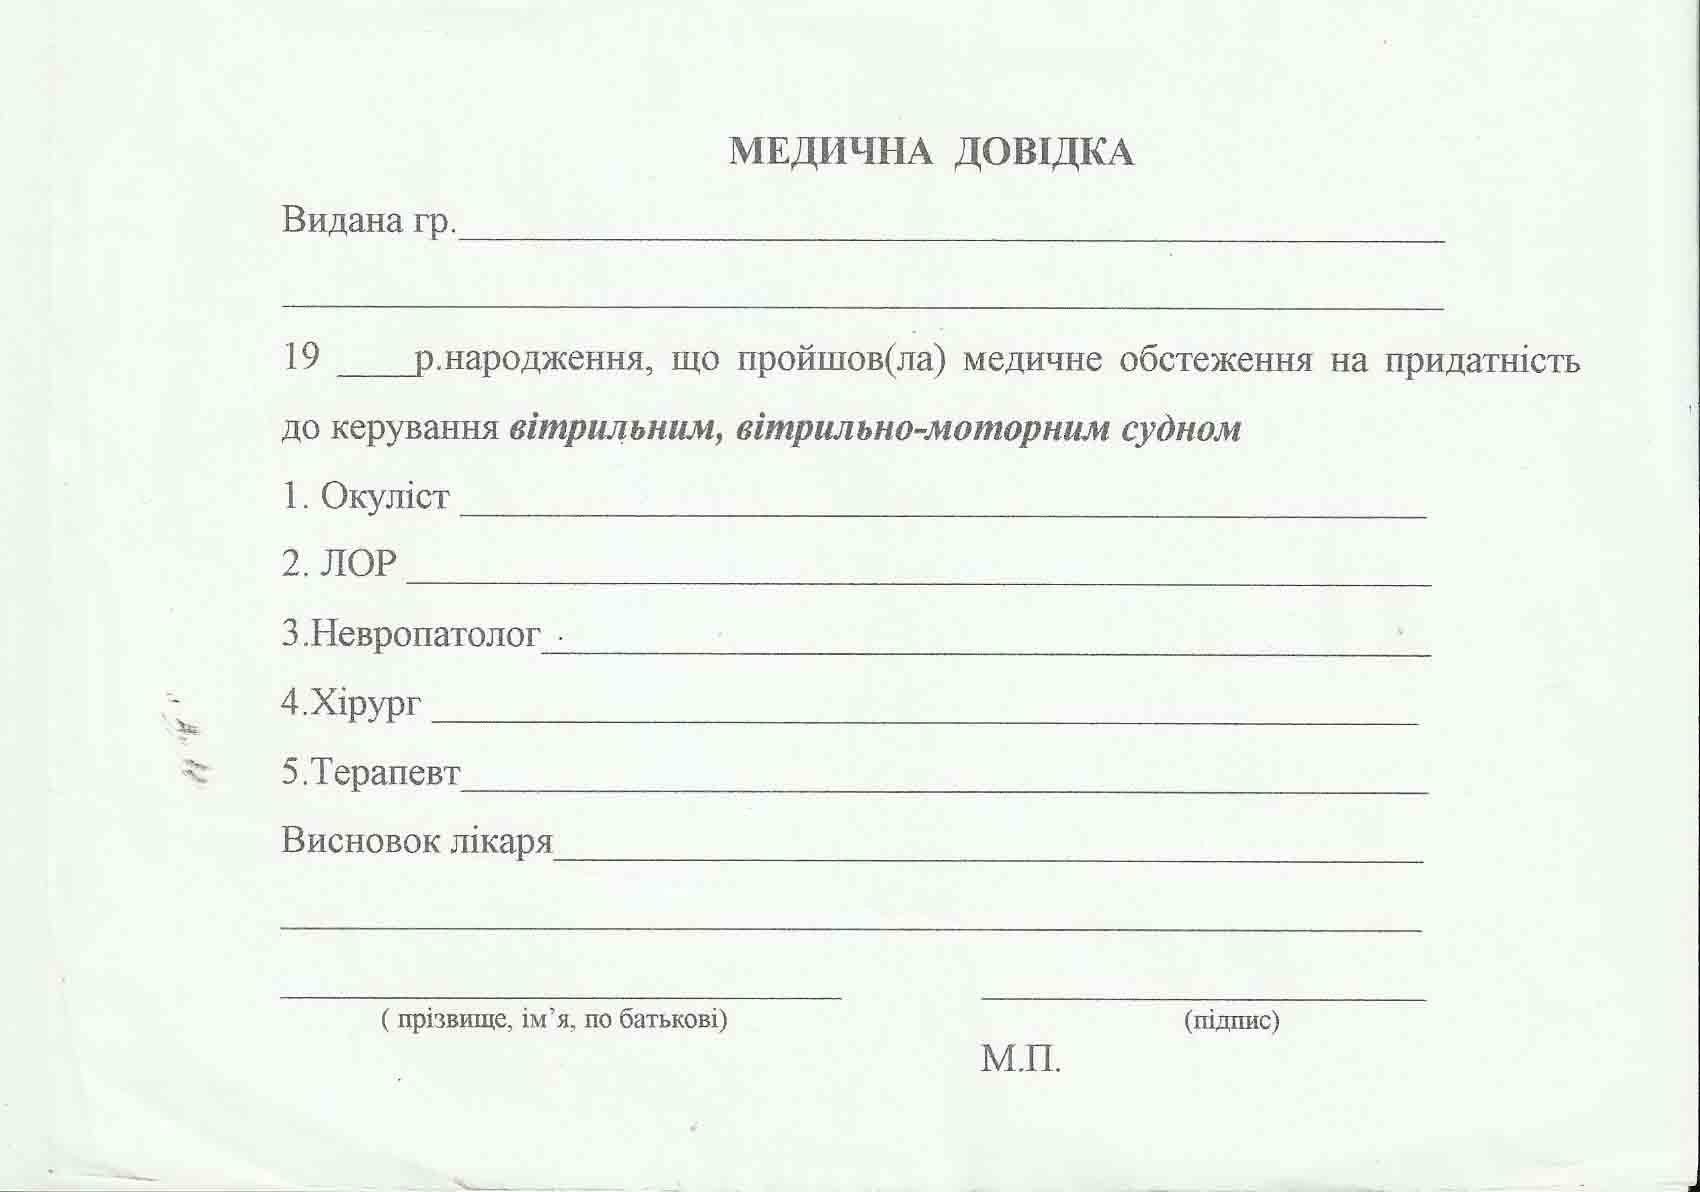 Медицинская справка для водителей киев харьковская медицинская справка водителя дыбенко